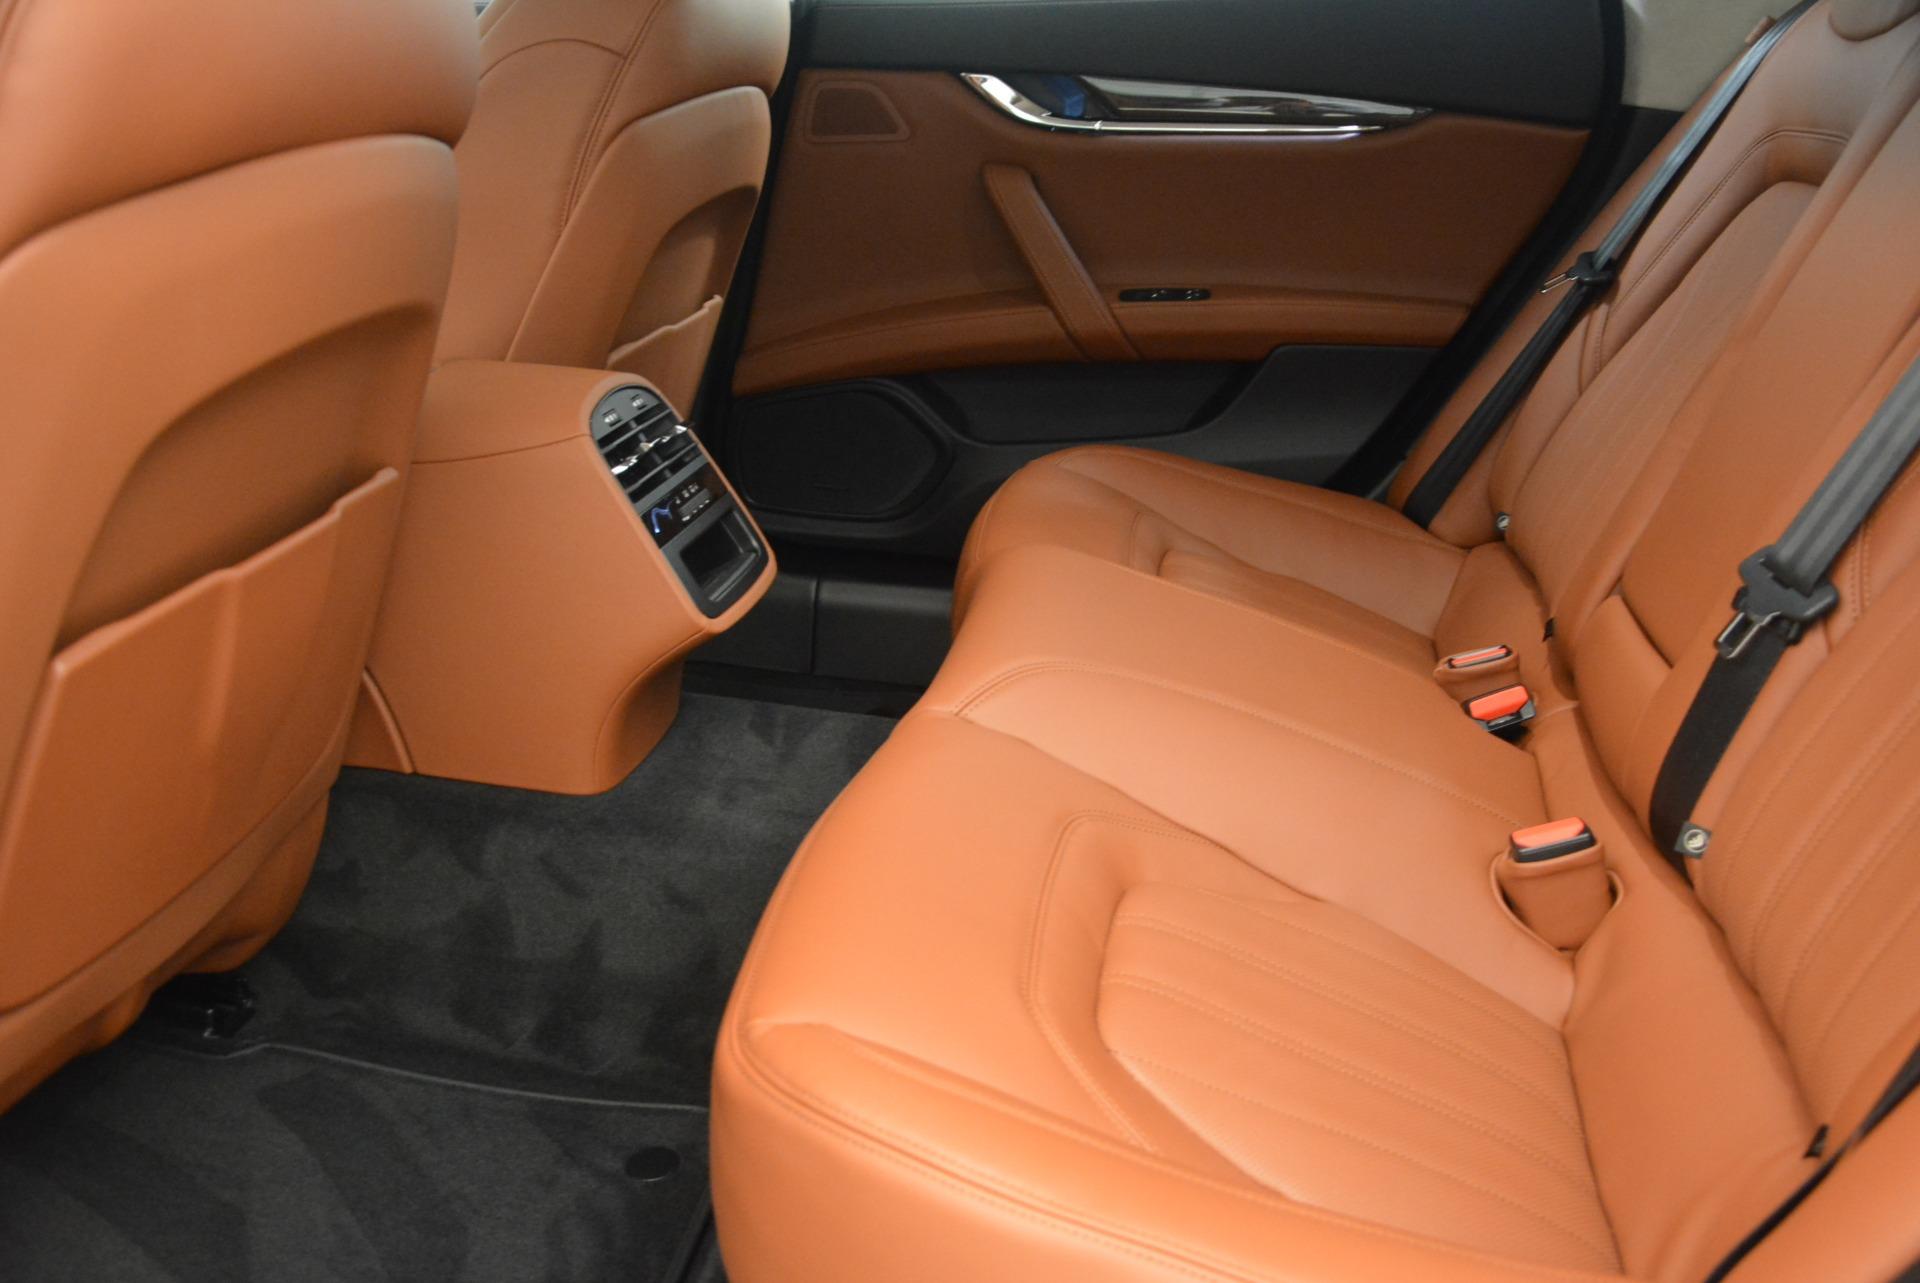 Used 2018 Maserati Quattroporte S Q4 GranLusso For Sale In Greenwich, CT 1572_p18